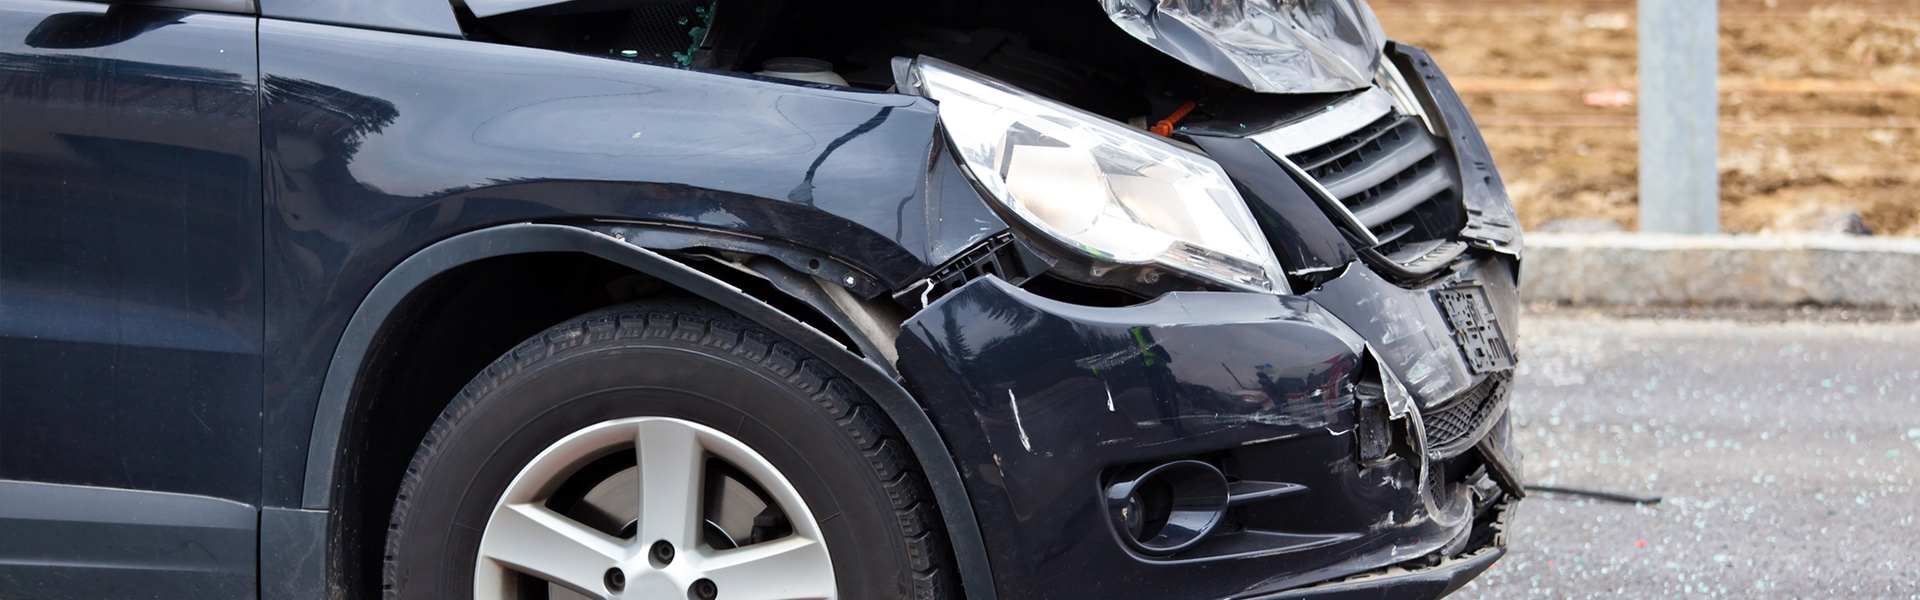 car damaged in a crash